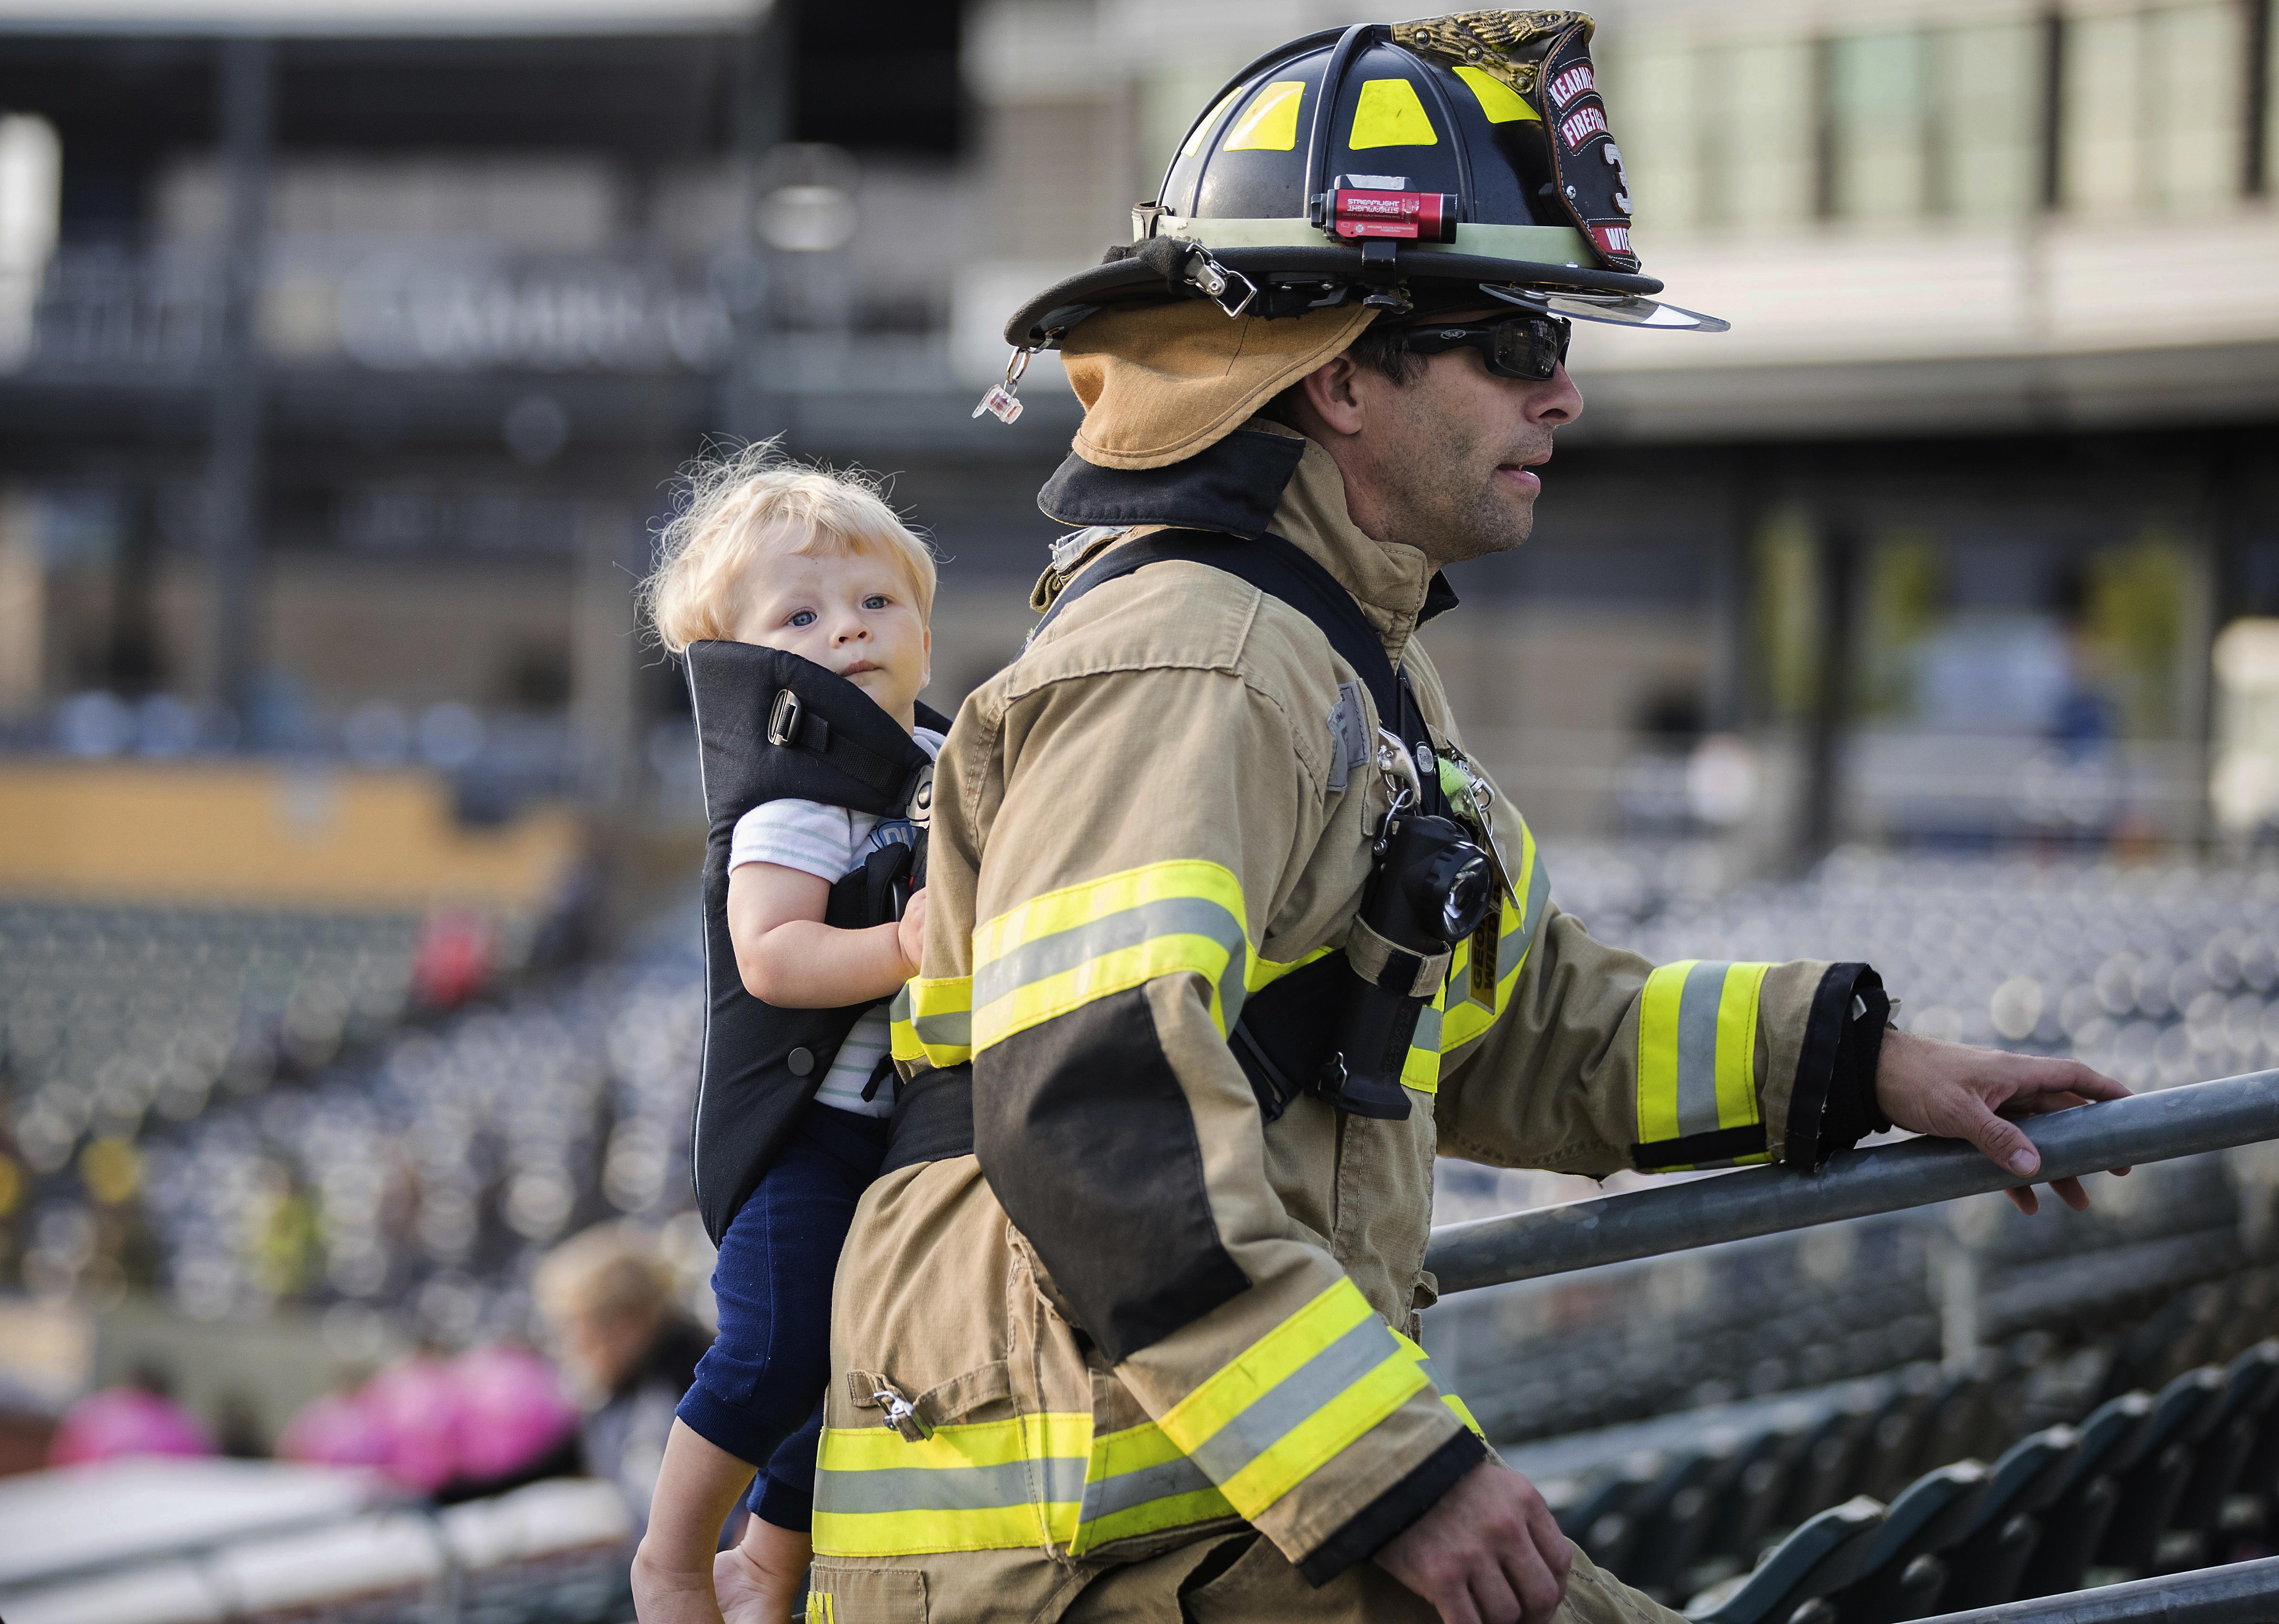 今年9月9日當時參與救難的消防員George Wiedel 背著年幼的兒子重返災難現場爬樓梯,緬懷自己的弟兄。美聯社